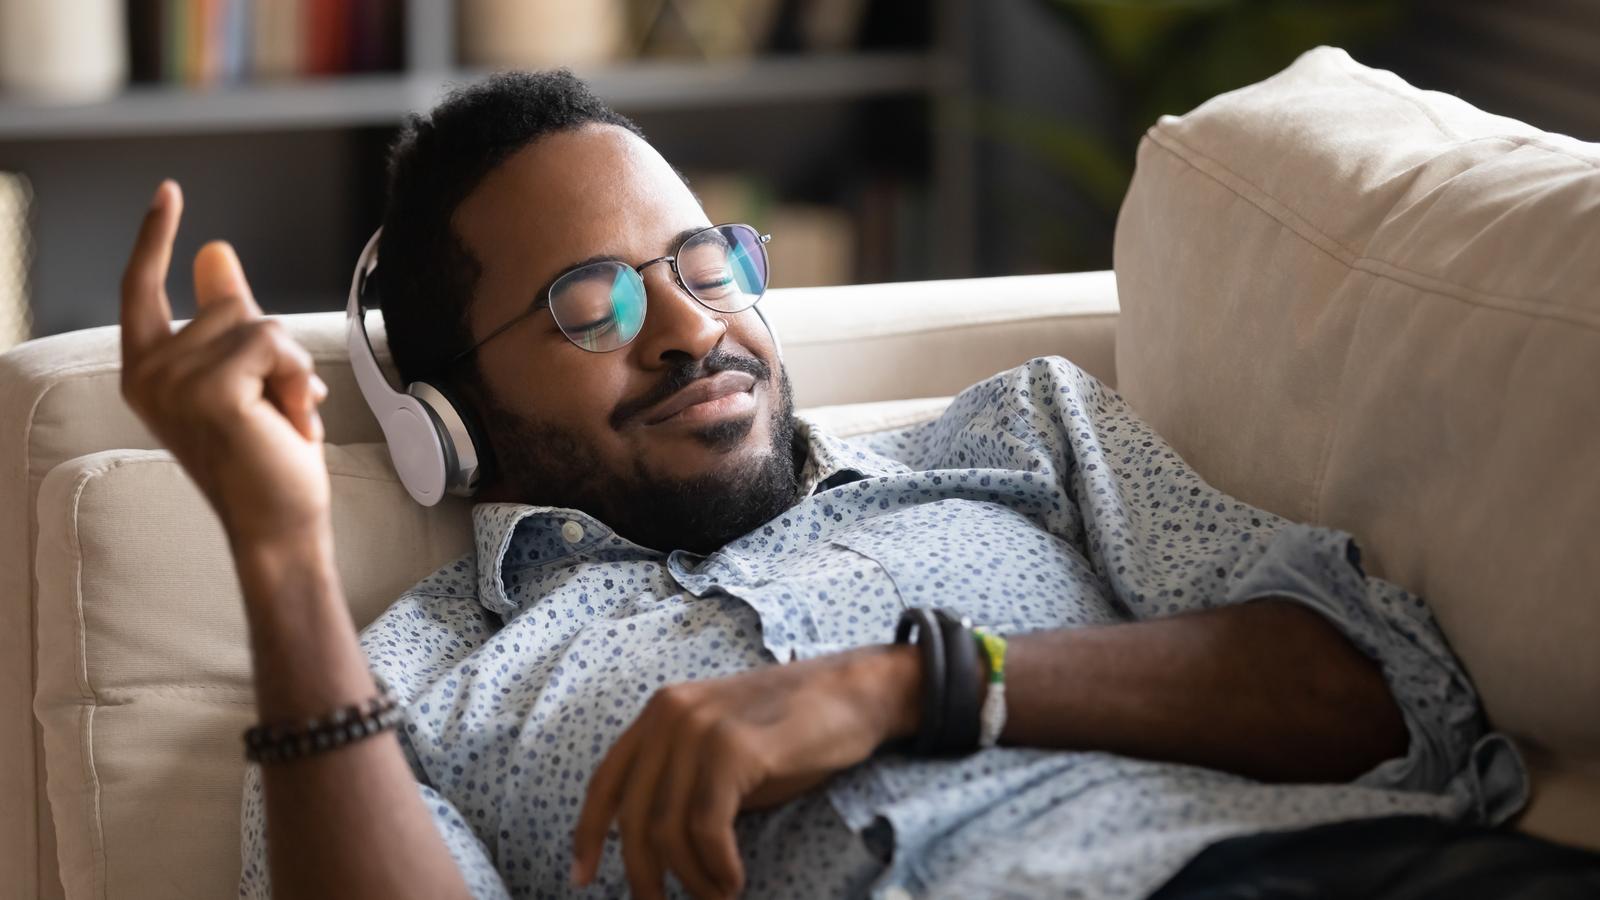 Người hạnh phúc nằm trên ghế nghe nhạc bằng tai nghe không dây